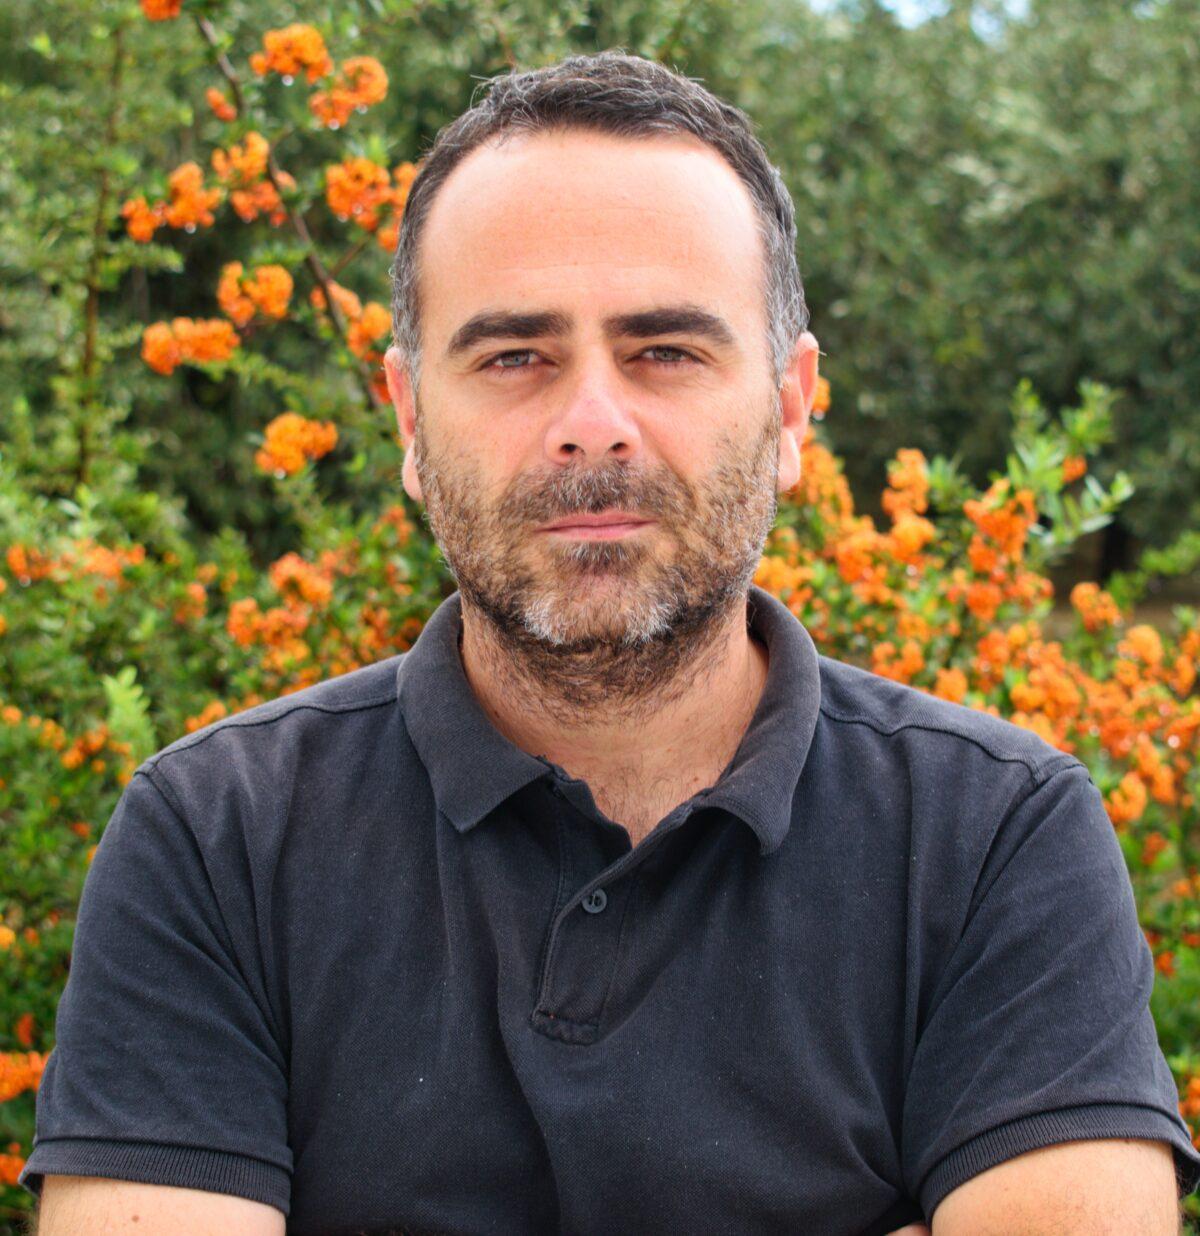 Δρ. Γιώργος Παπαμιχαήλ